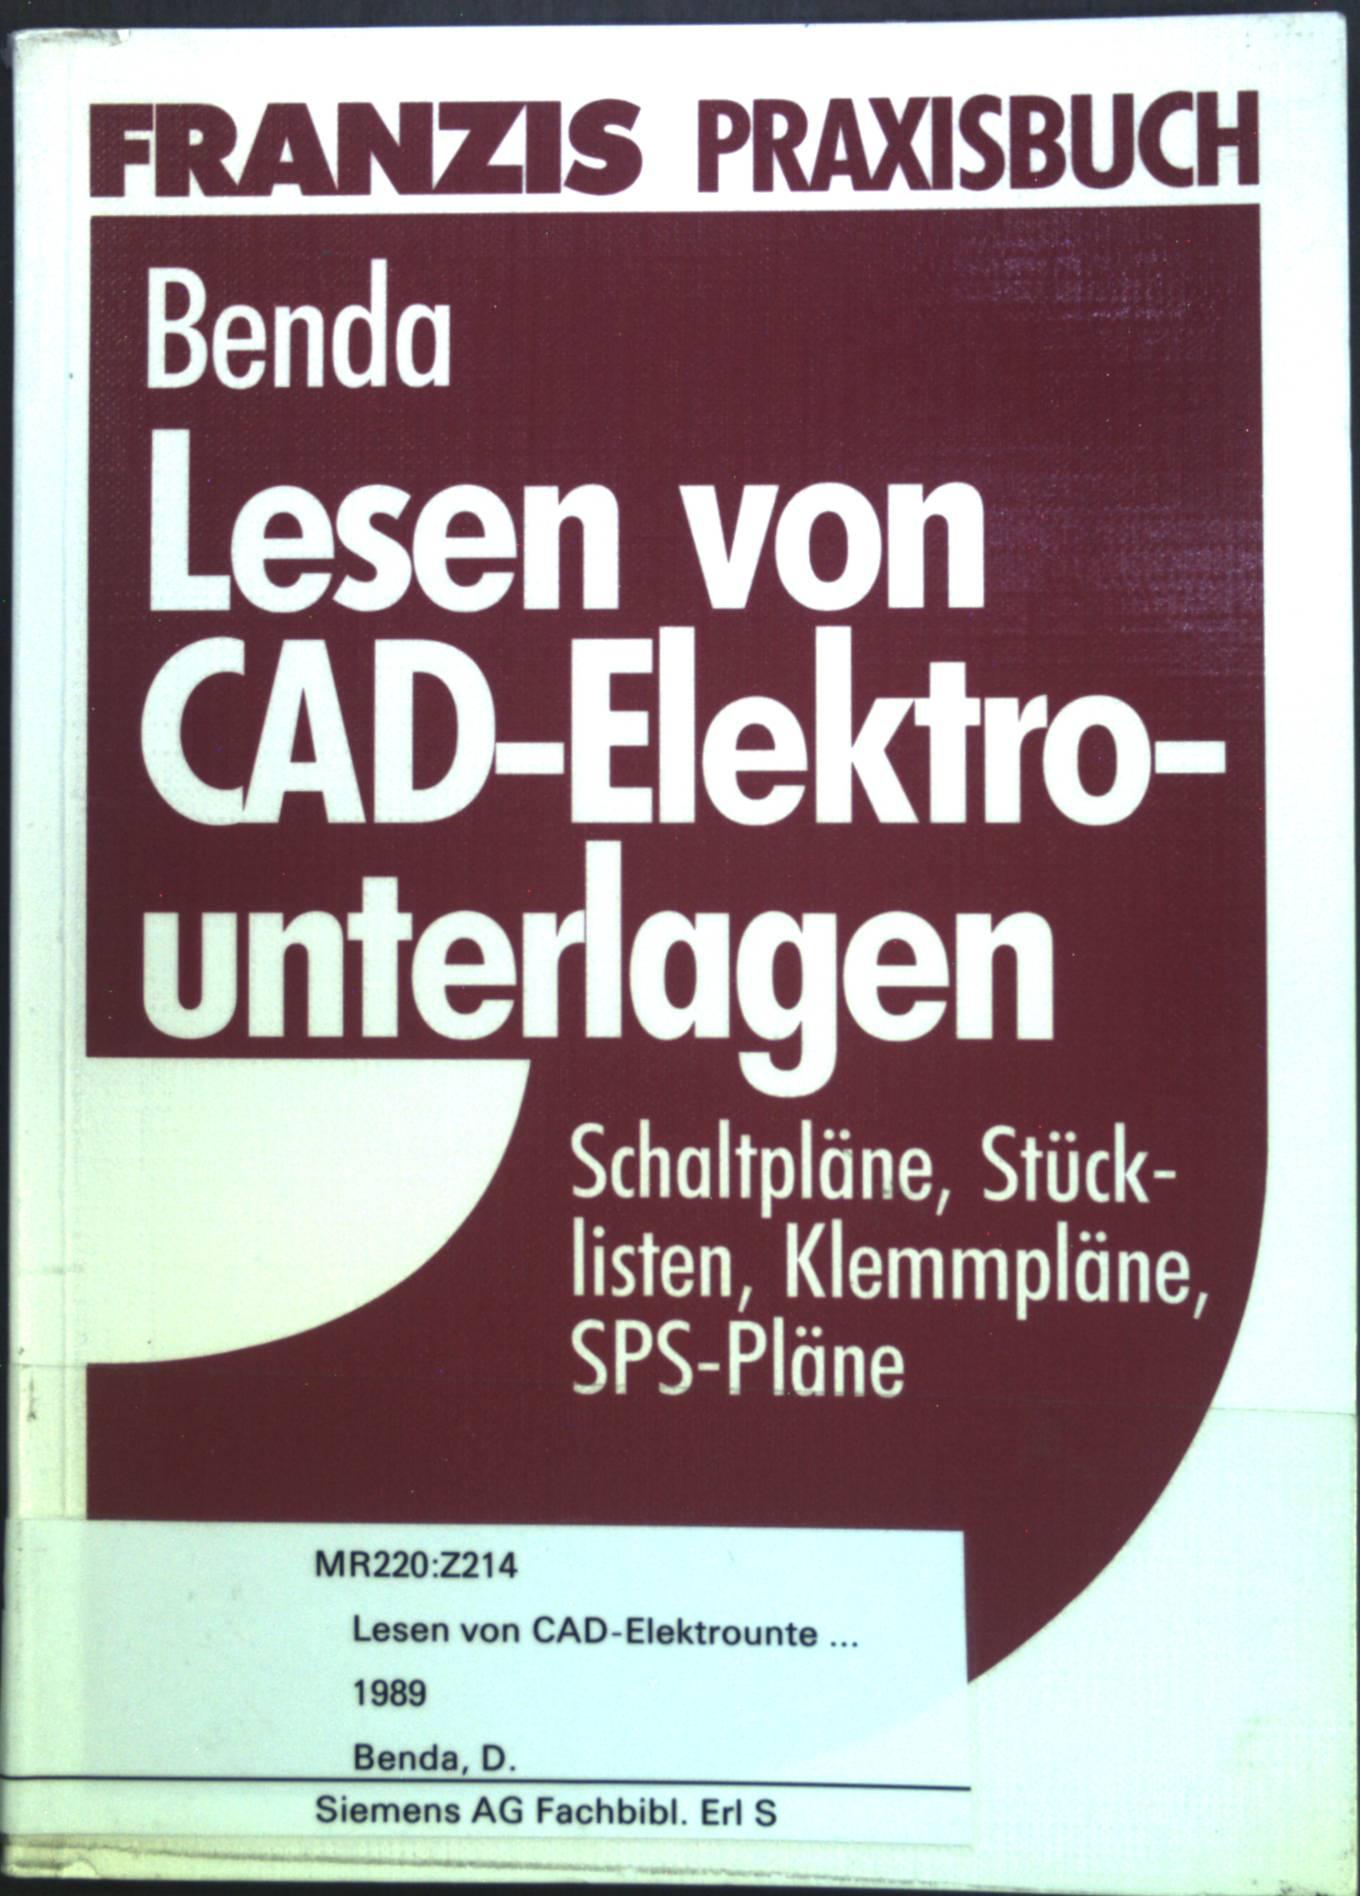 Lesen von CAD-Elektrounterlagen : Schaltpläne, Stücklisten, Klemmpläne und SPS-Pläne. Franzis-Praxisbuch. - Benda, Dietmar